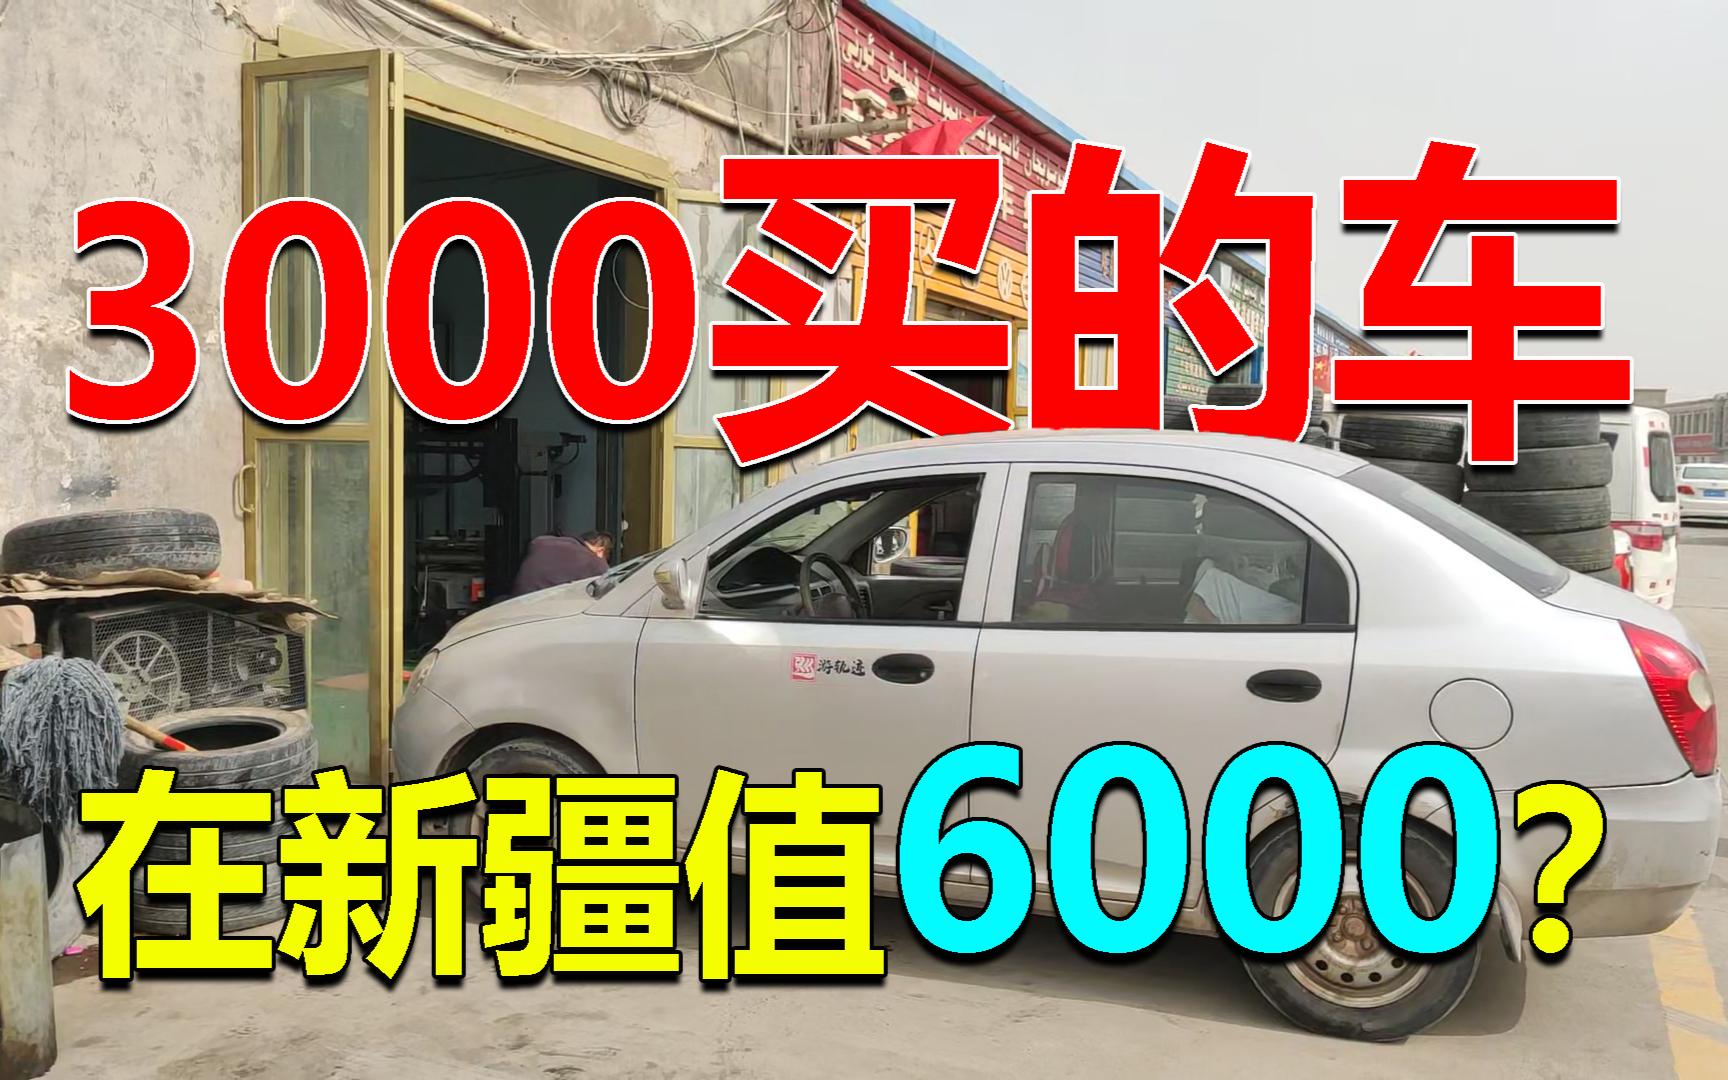 3000买的车自驾到新疆,汽修厂老板说这车在当地值6000,心动了